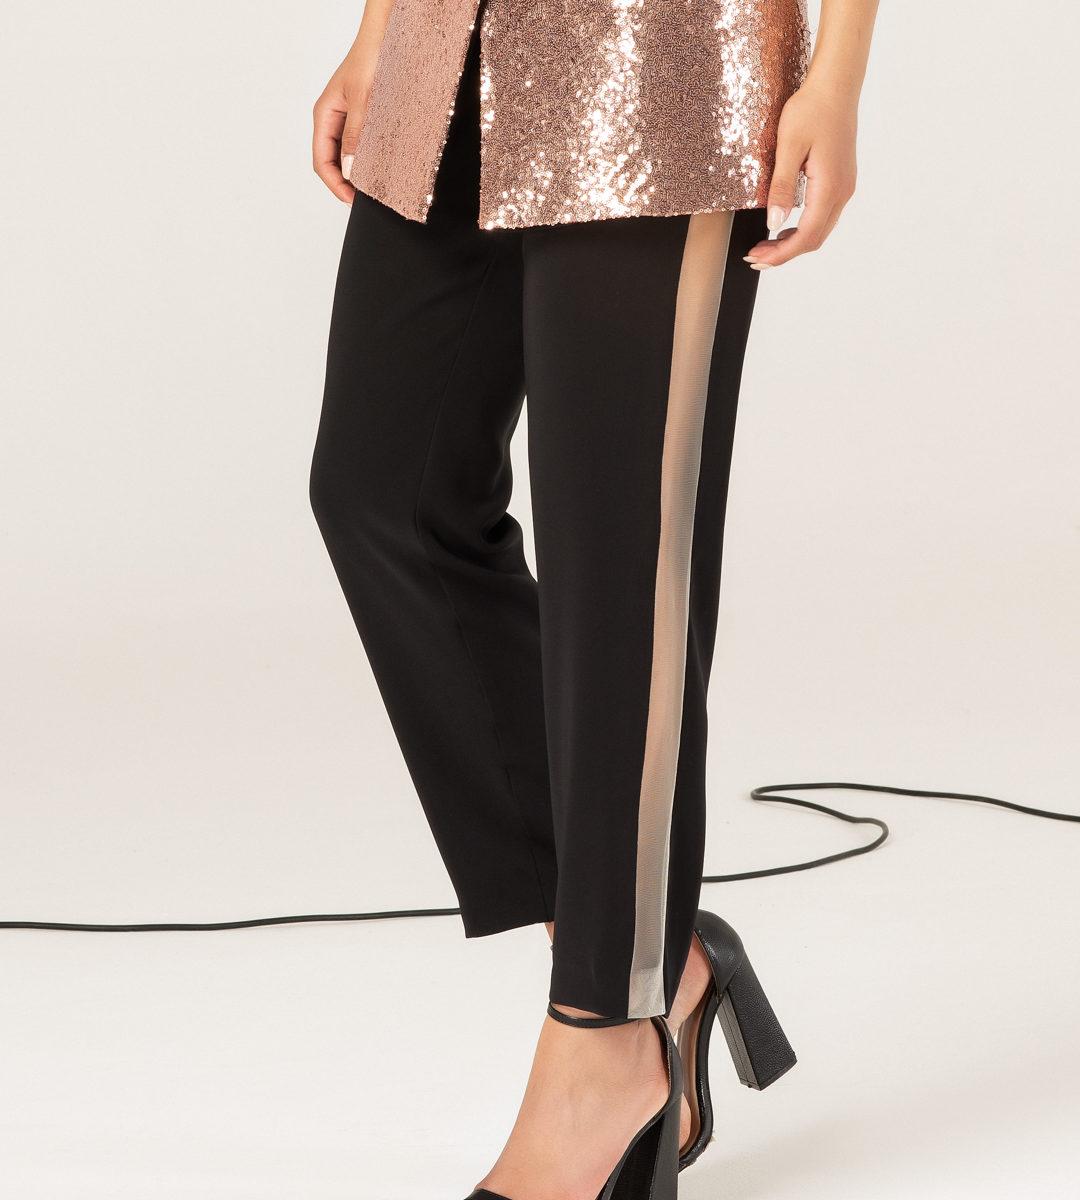 Pantalone con trasparenza